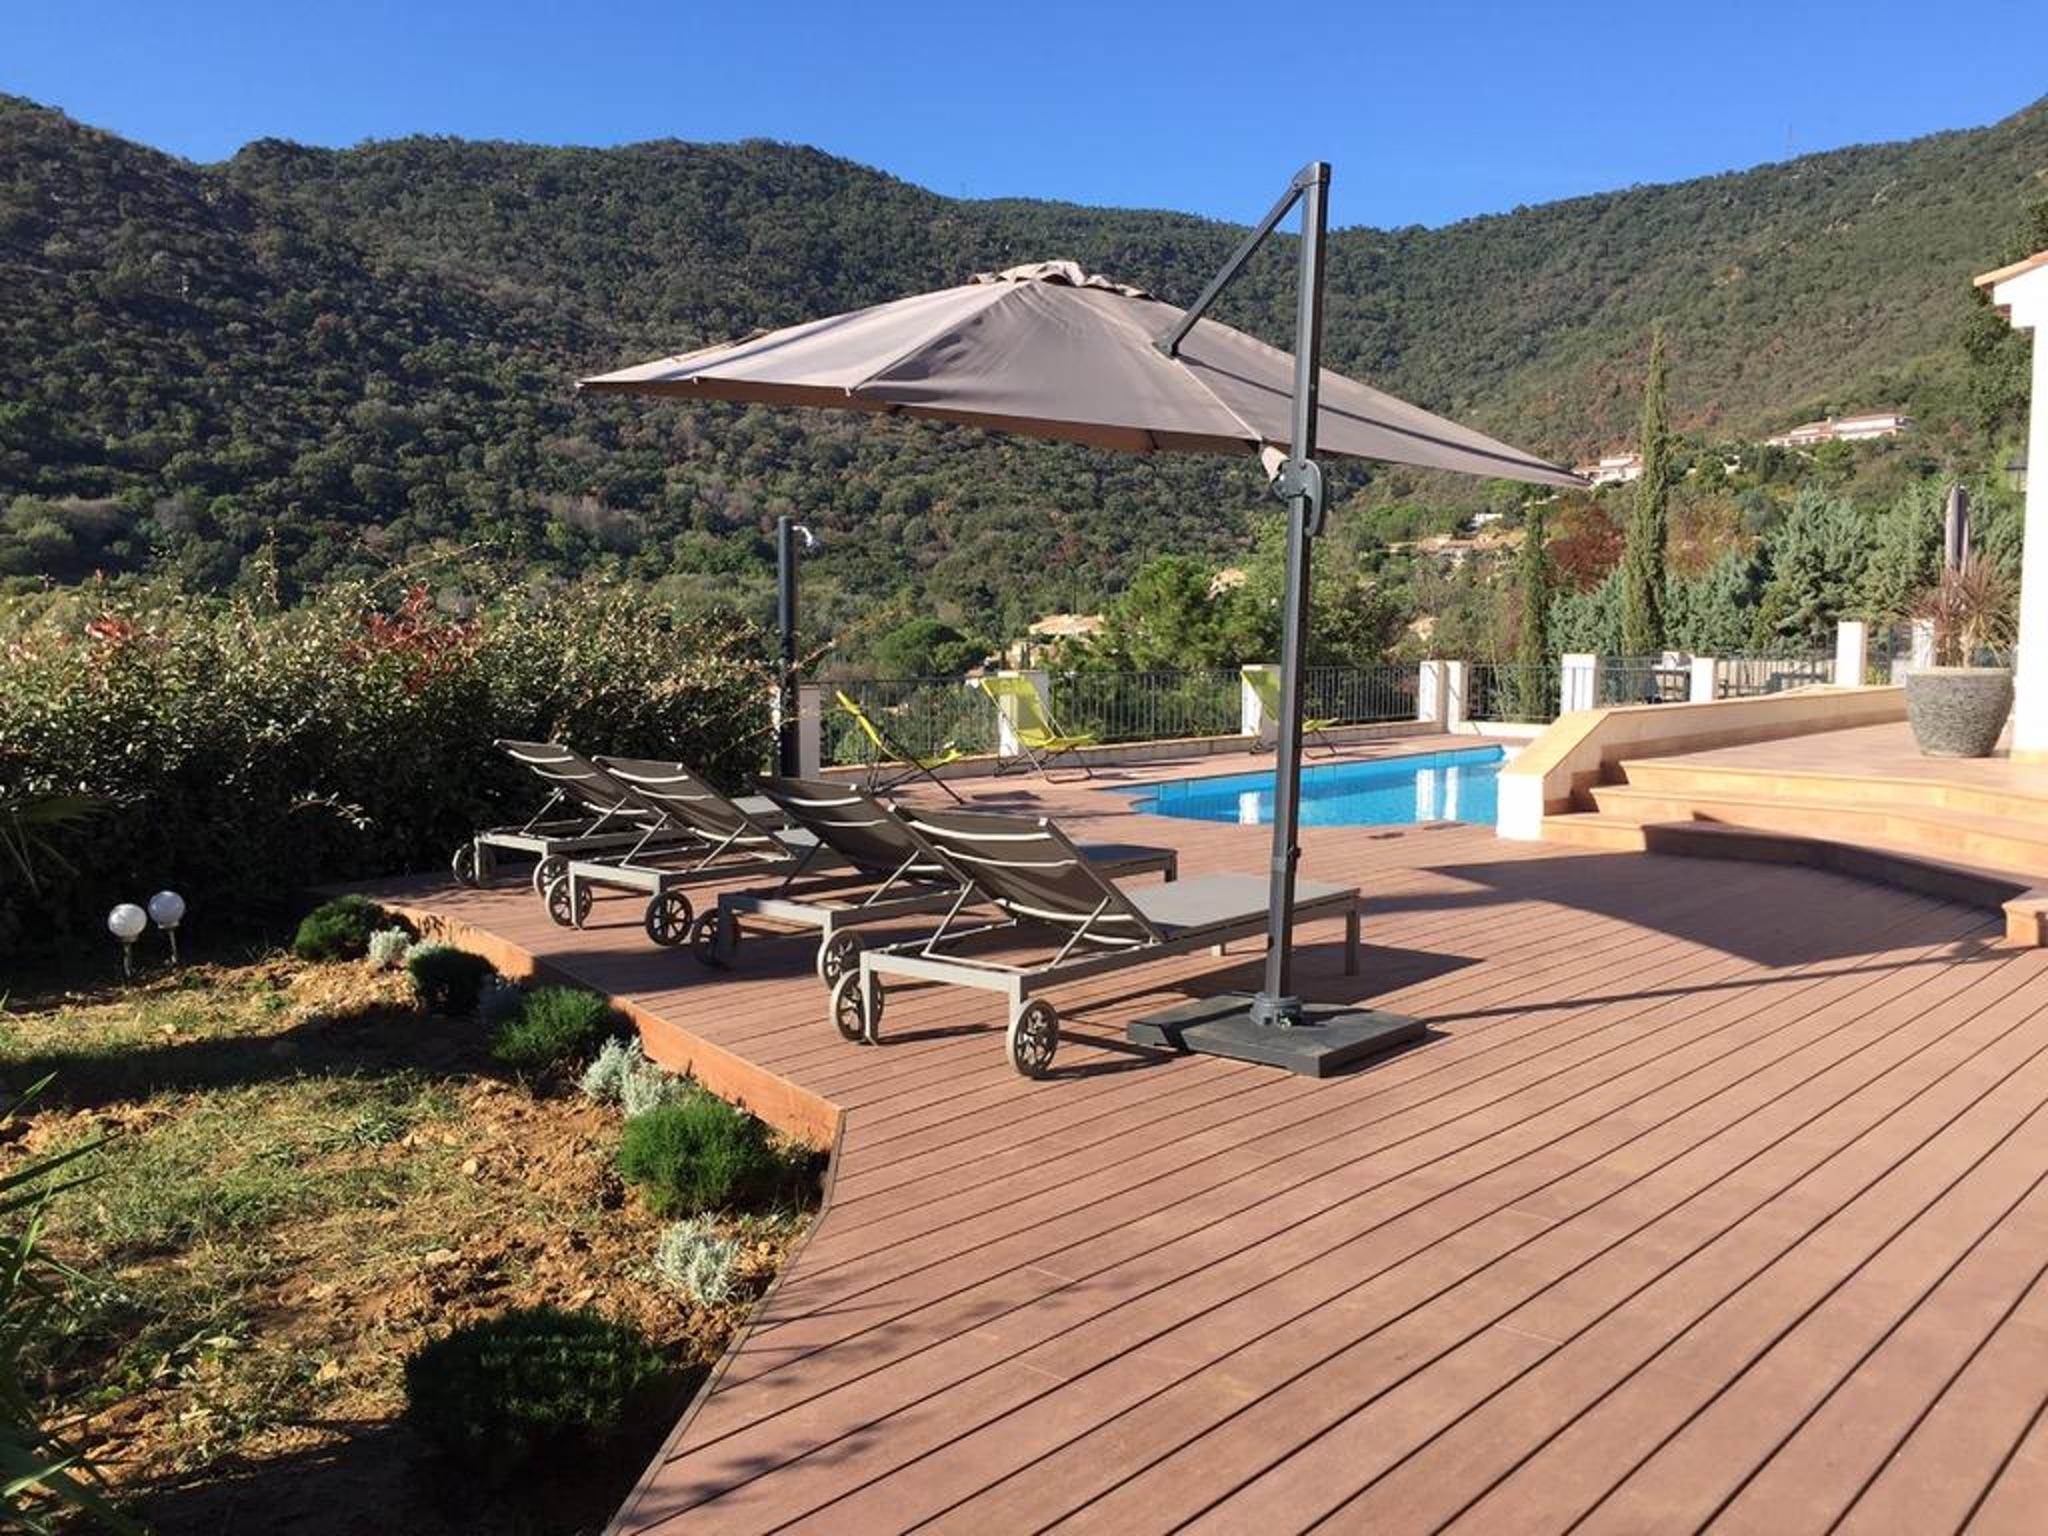 Maison de vacances Villa mit 5 Schlafzimmern in Rayol-Canadel-sur-Mer mit toller Aussicht auf die Berge, priv (2201555), Le Lavandou, Côte d'Azur, Provence - Alpes - Côte d'Azur, France, image 1